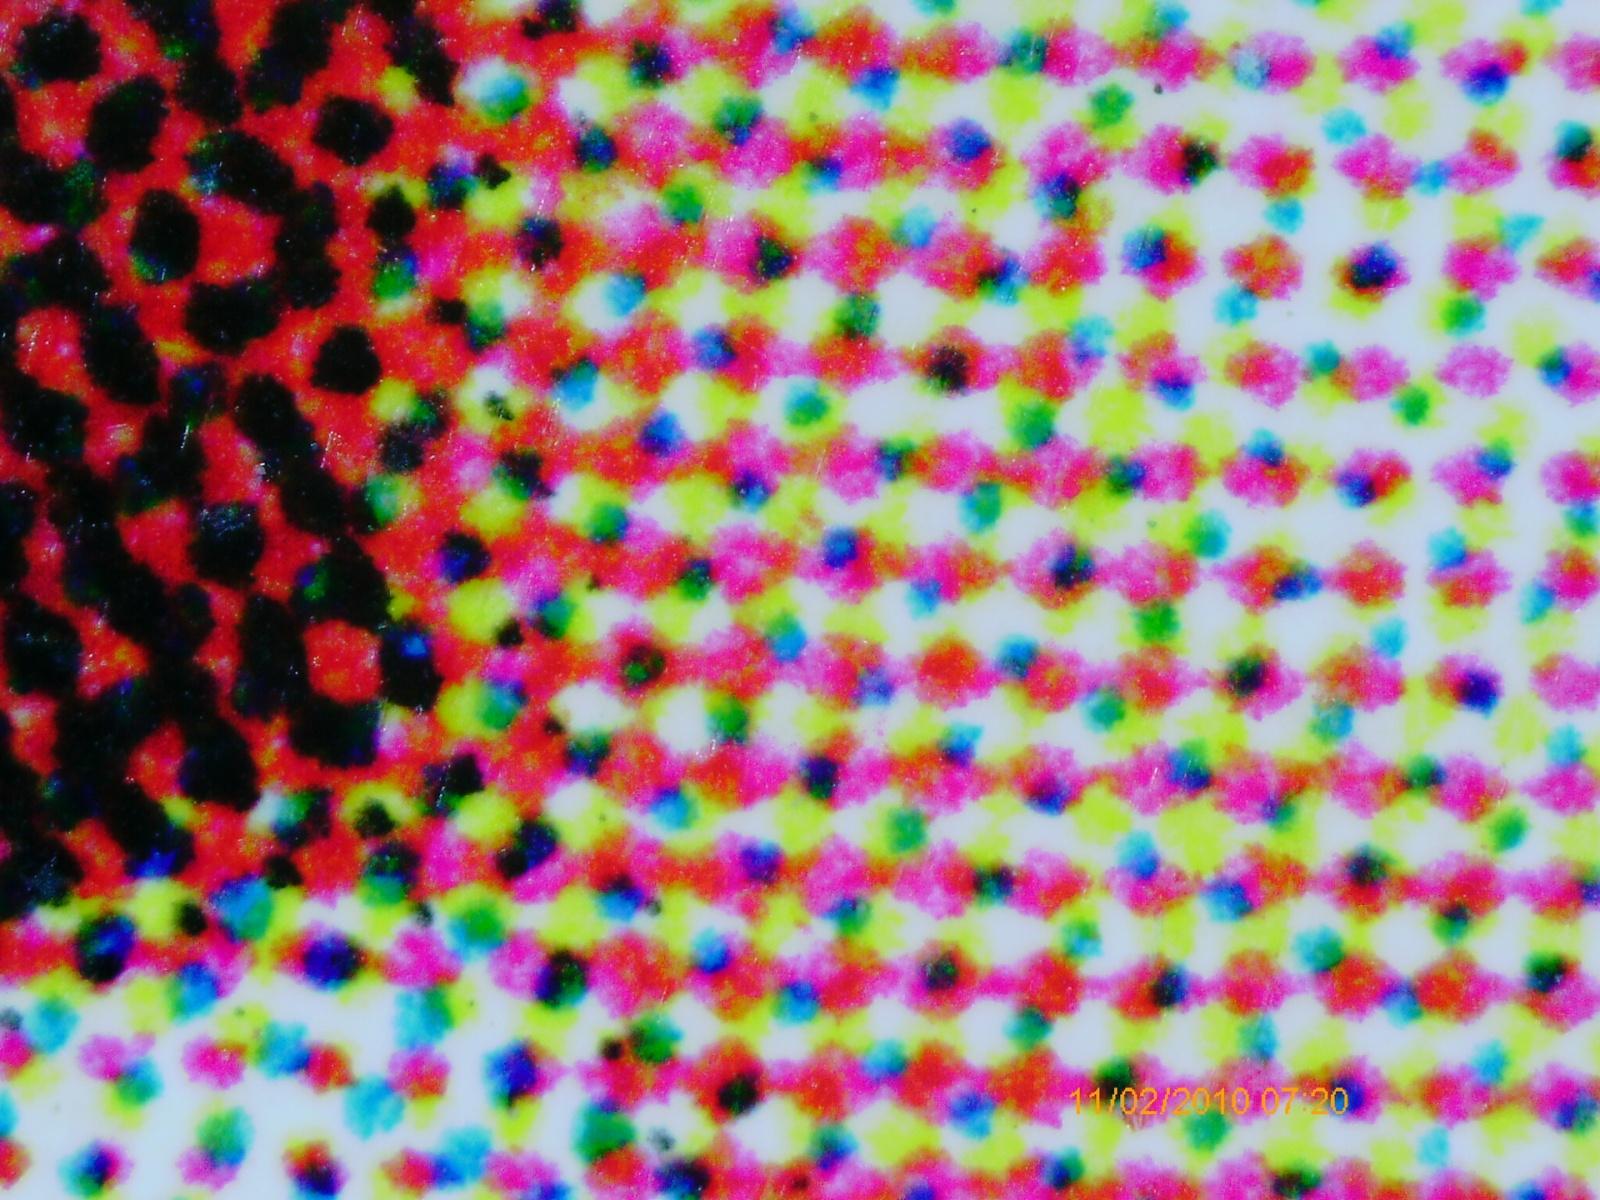 Портативный микроскоп на службе у гика - 11